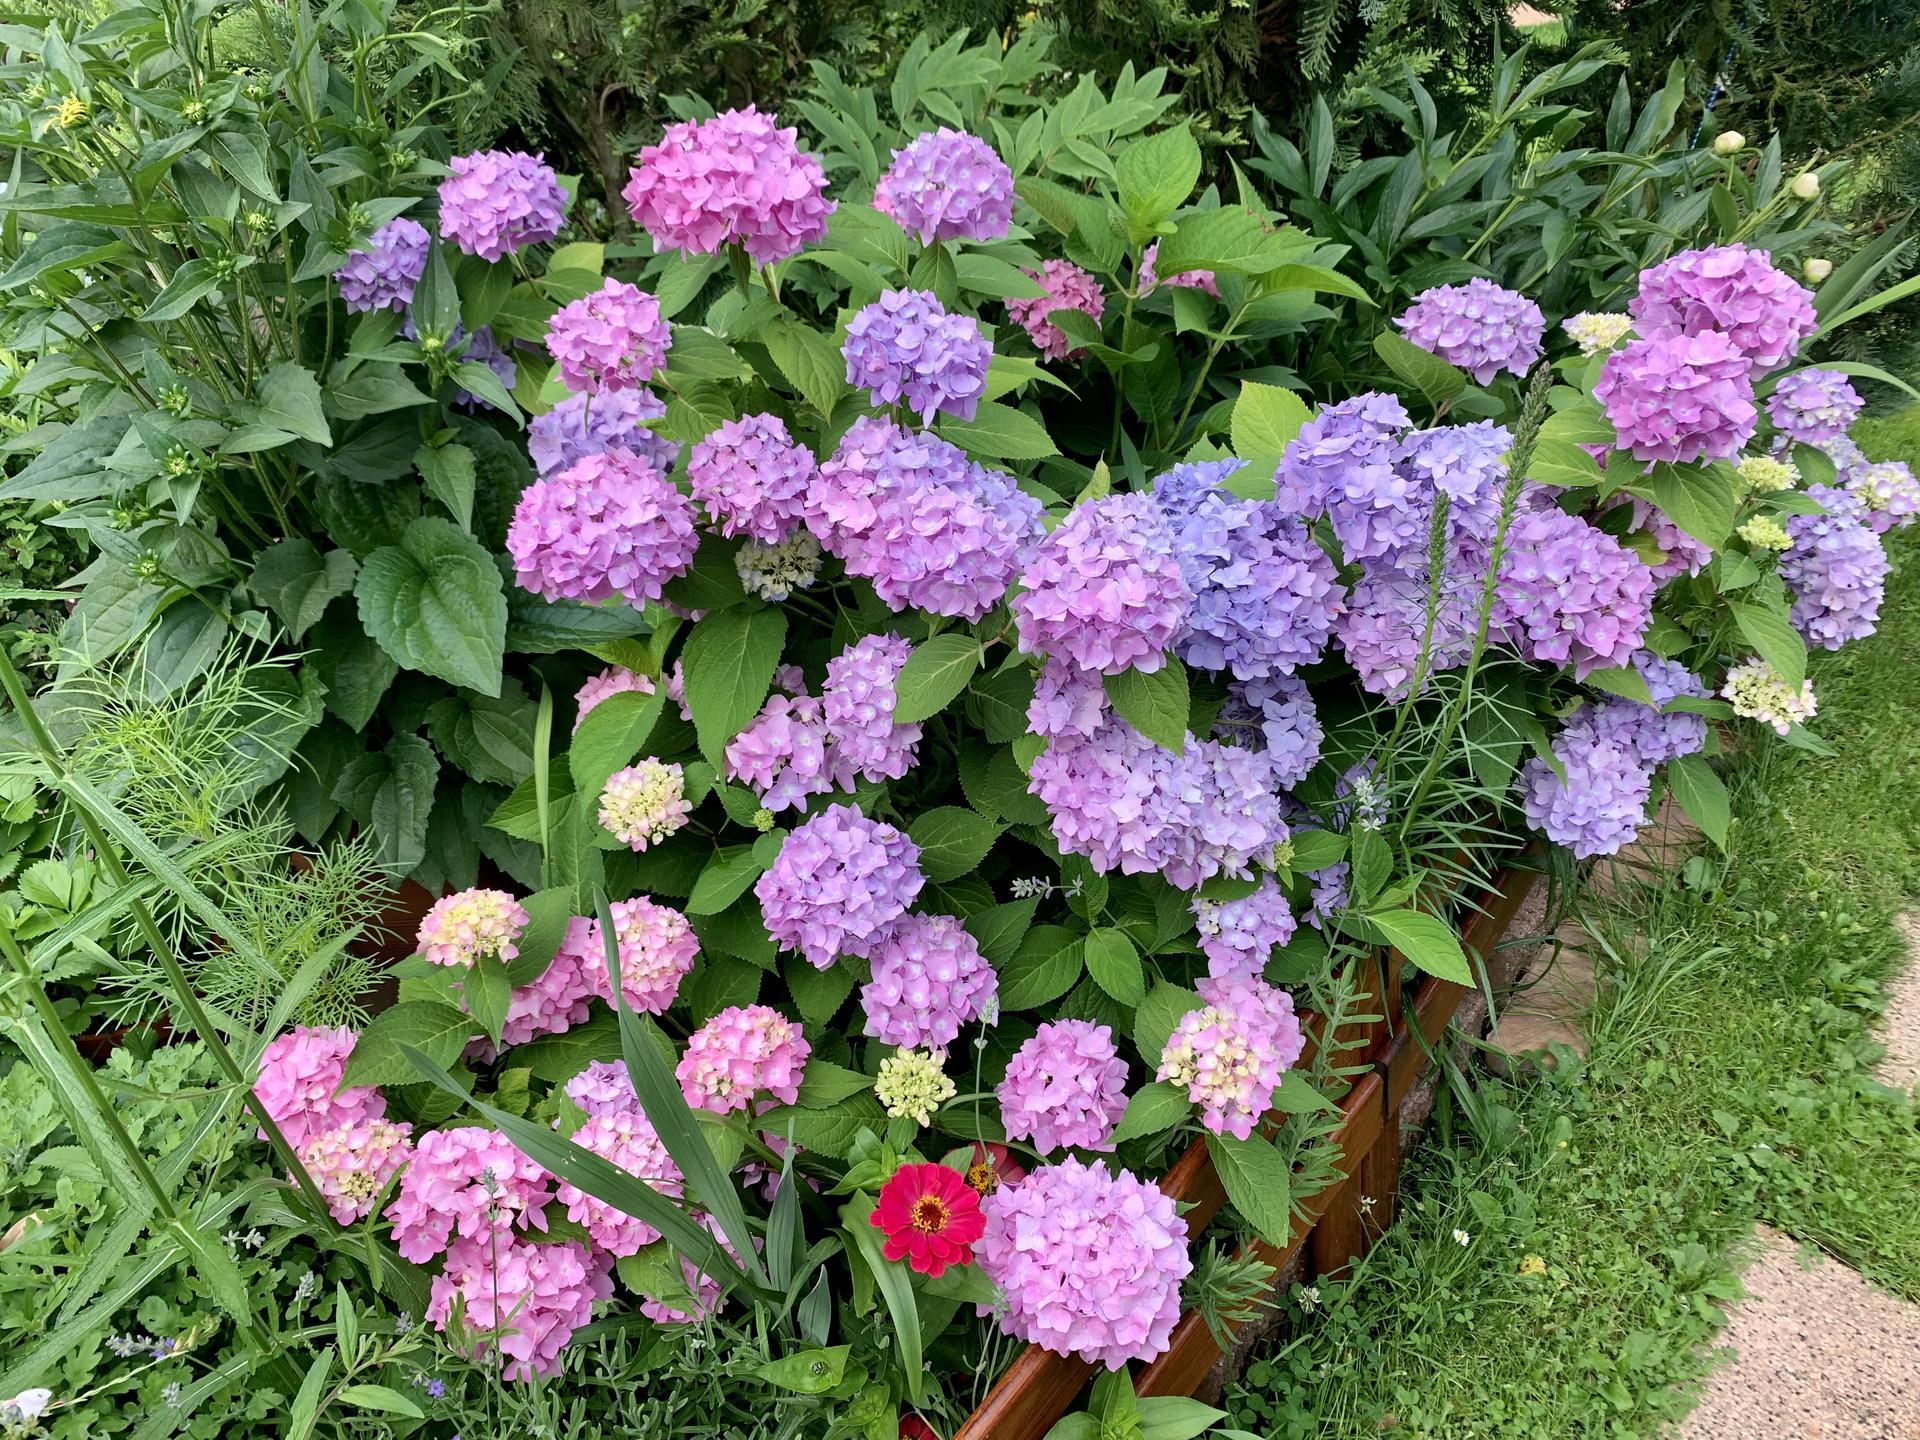 Hortenzie stará několik let,celé roky růžové květy,letos do modra…žádná změna podmínek,zálivky,nehnojím,nechápu…🤷♀️Nevíte,jak ji zase vrátit na růžovou??Děkuji😊 - Obrázek č. 1